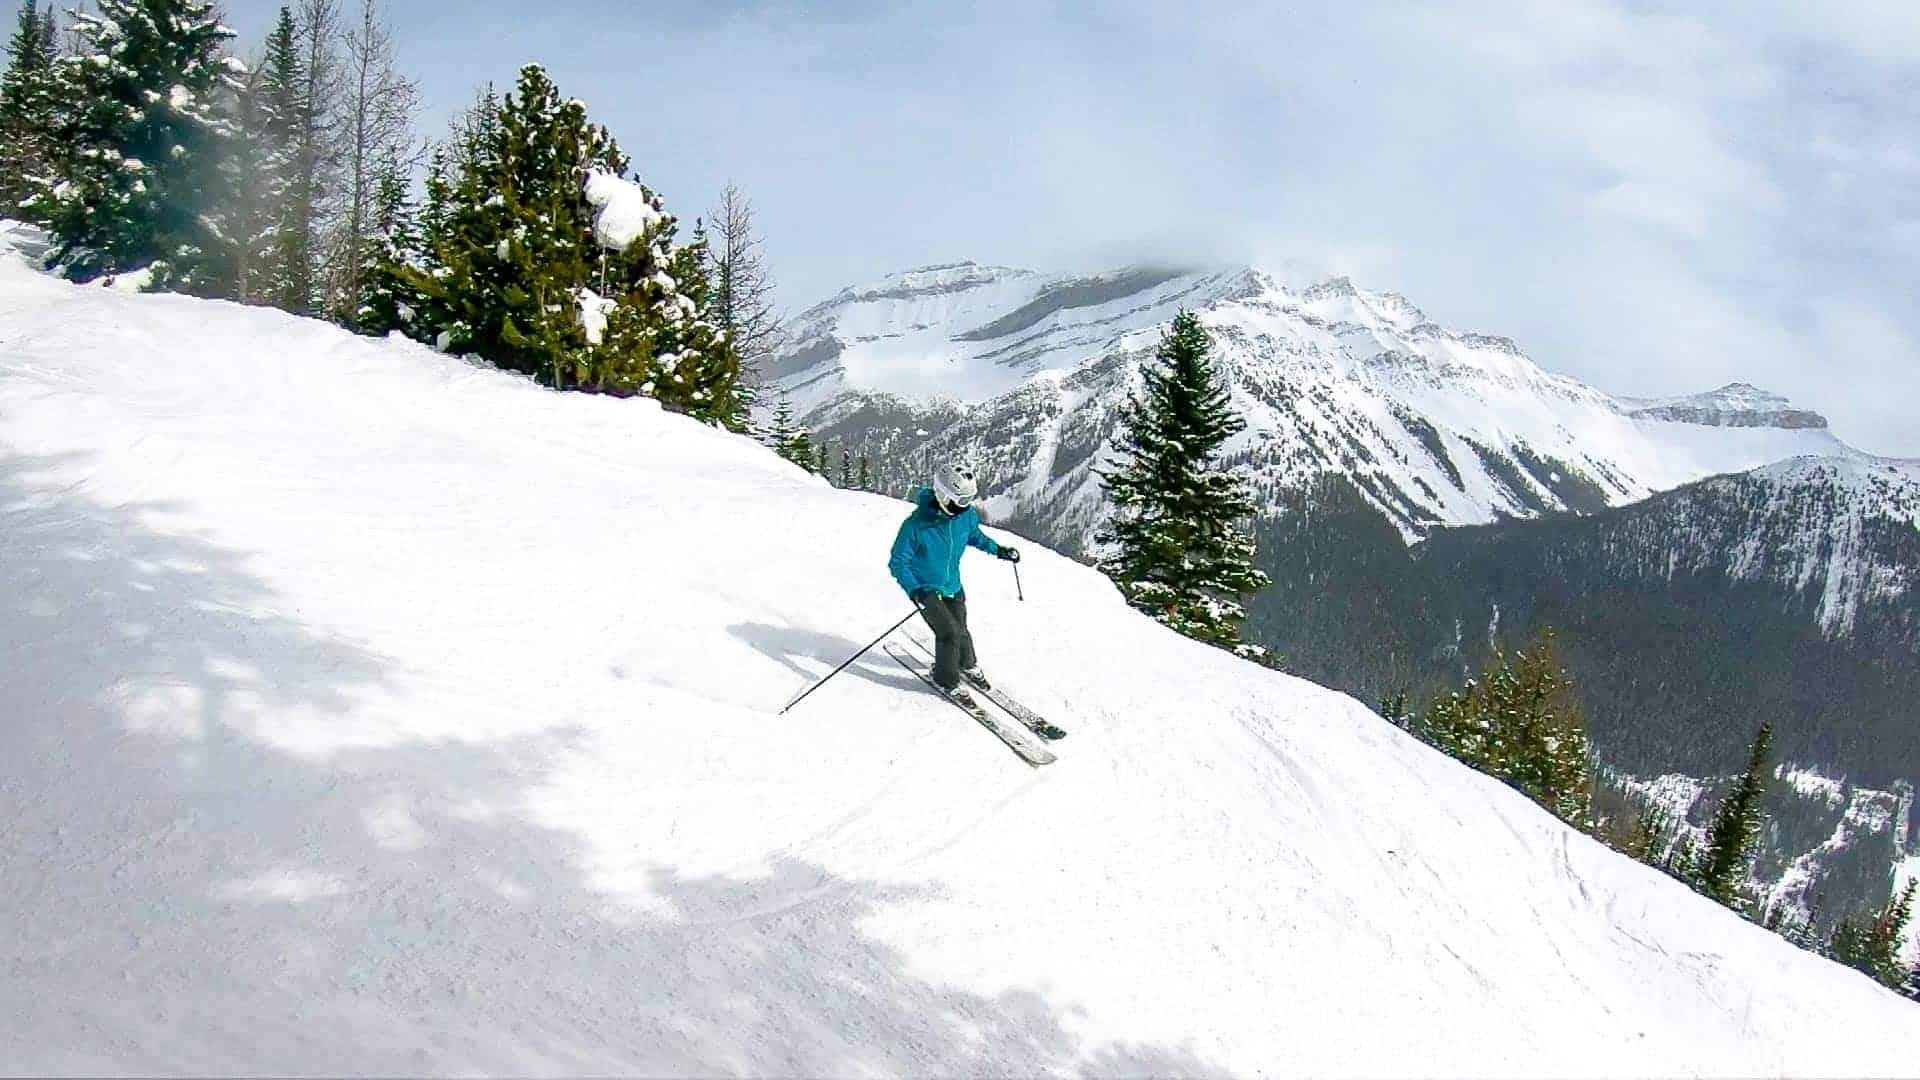 winter vanlife more than skiing powder banff-4